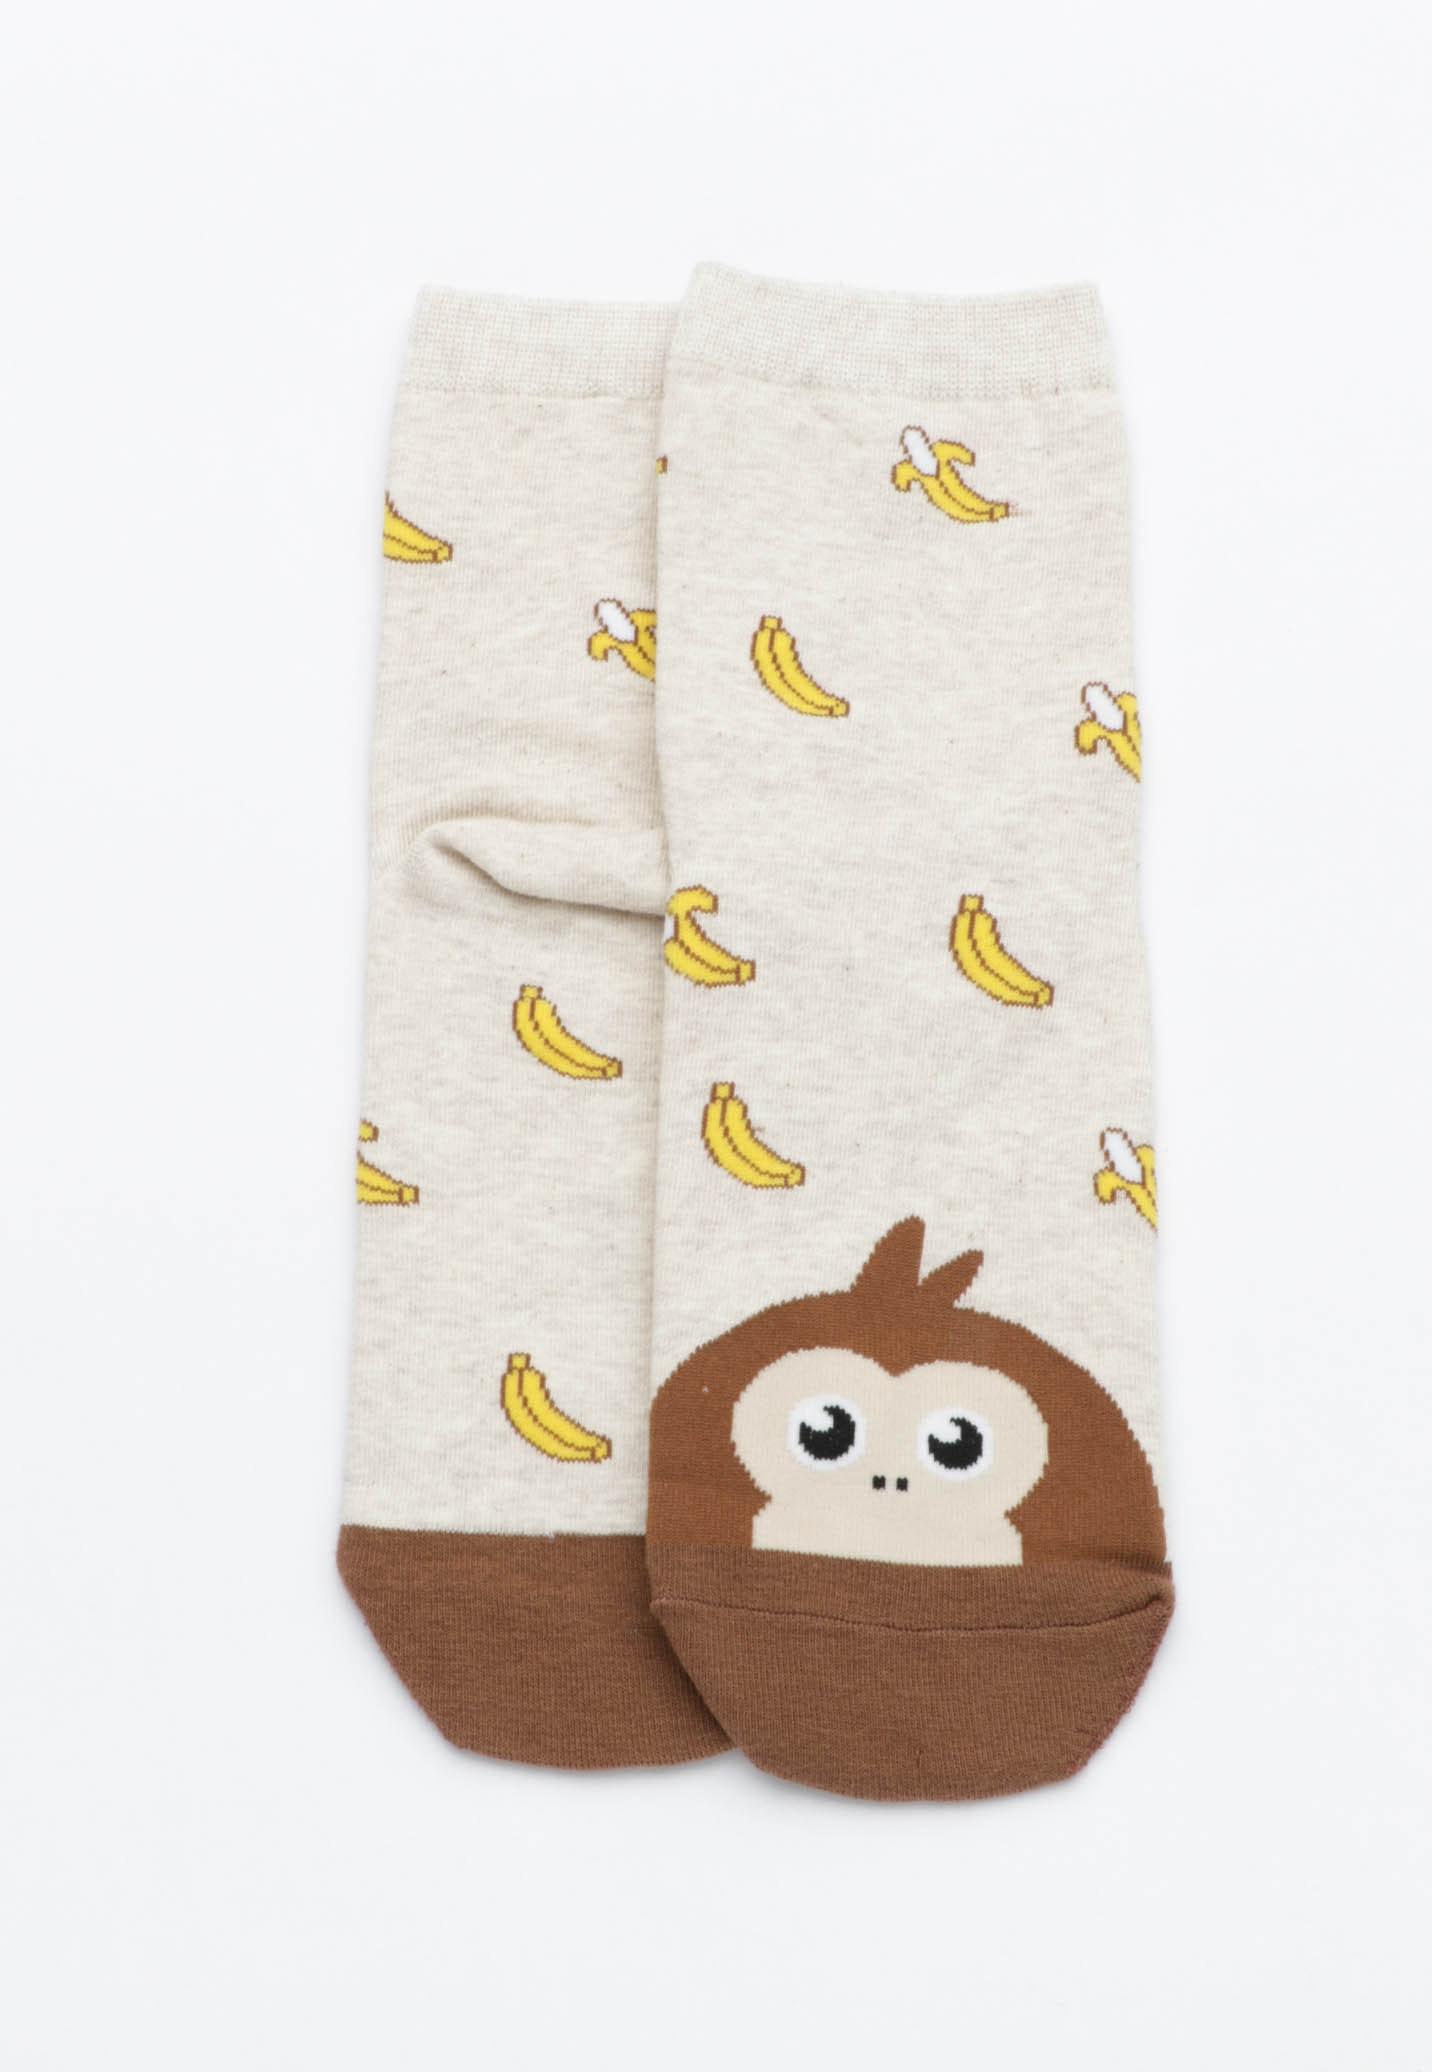 Monkey Banana Socks - Oatmeal